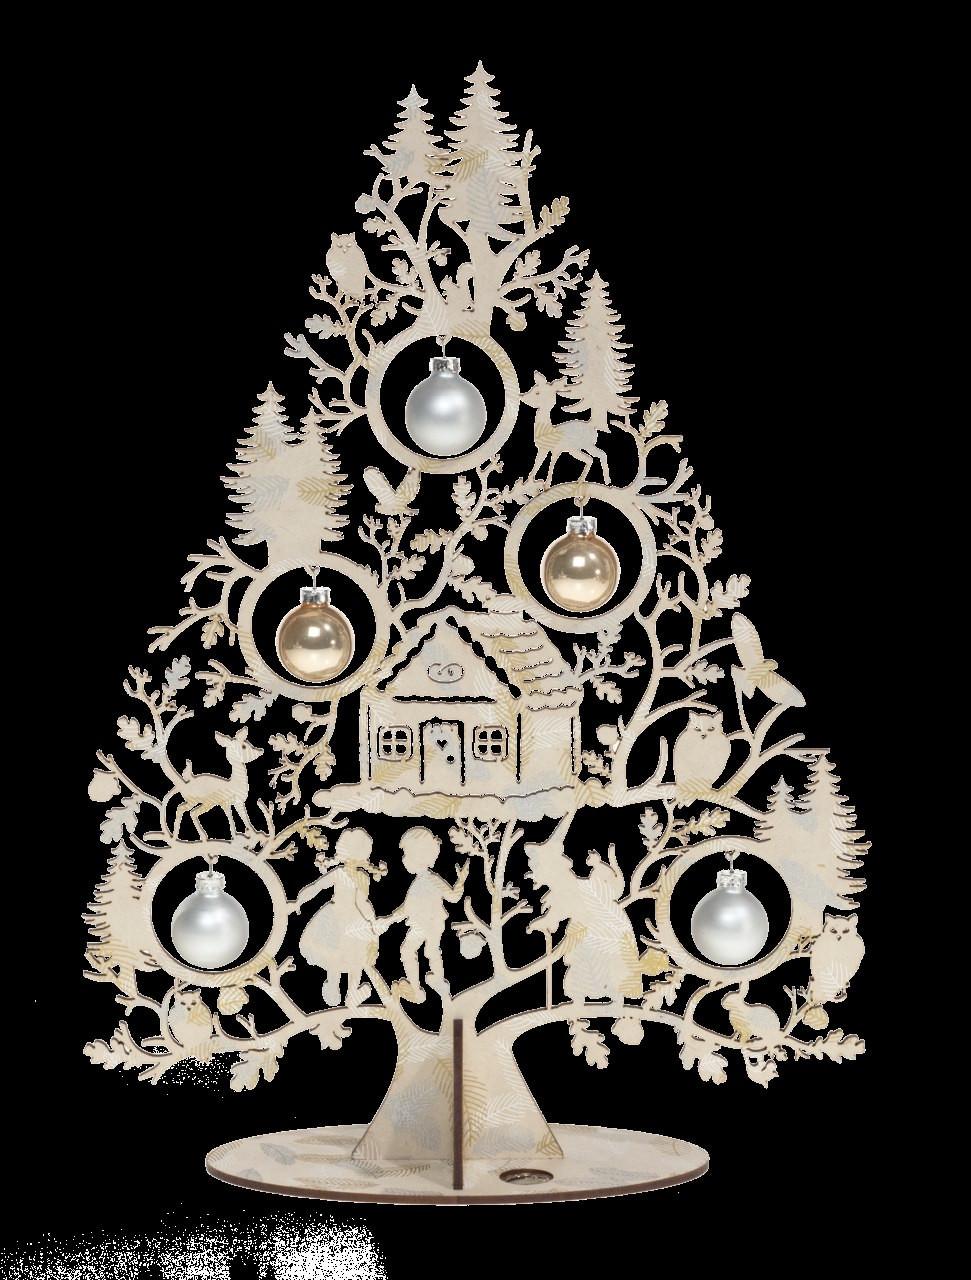 Ausmalbilder Weihnachten Tannenbaum Mit Geschenken Frisch Weihnachtsbaum Stern — Prov Sport Sent Stock